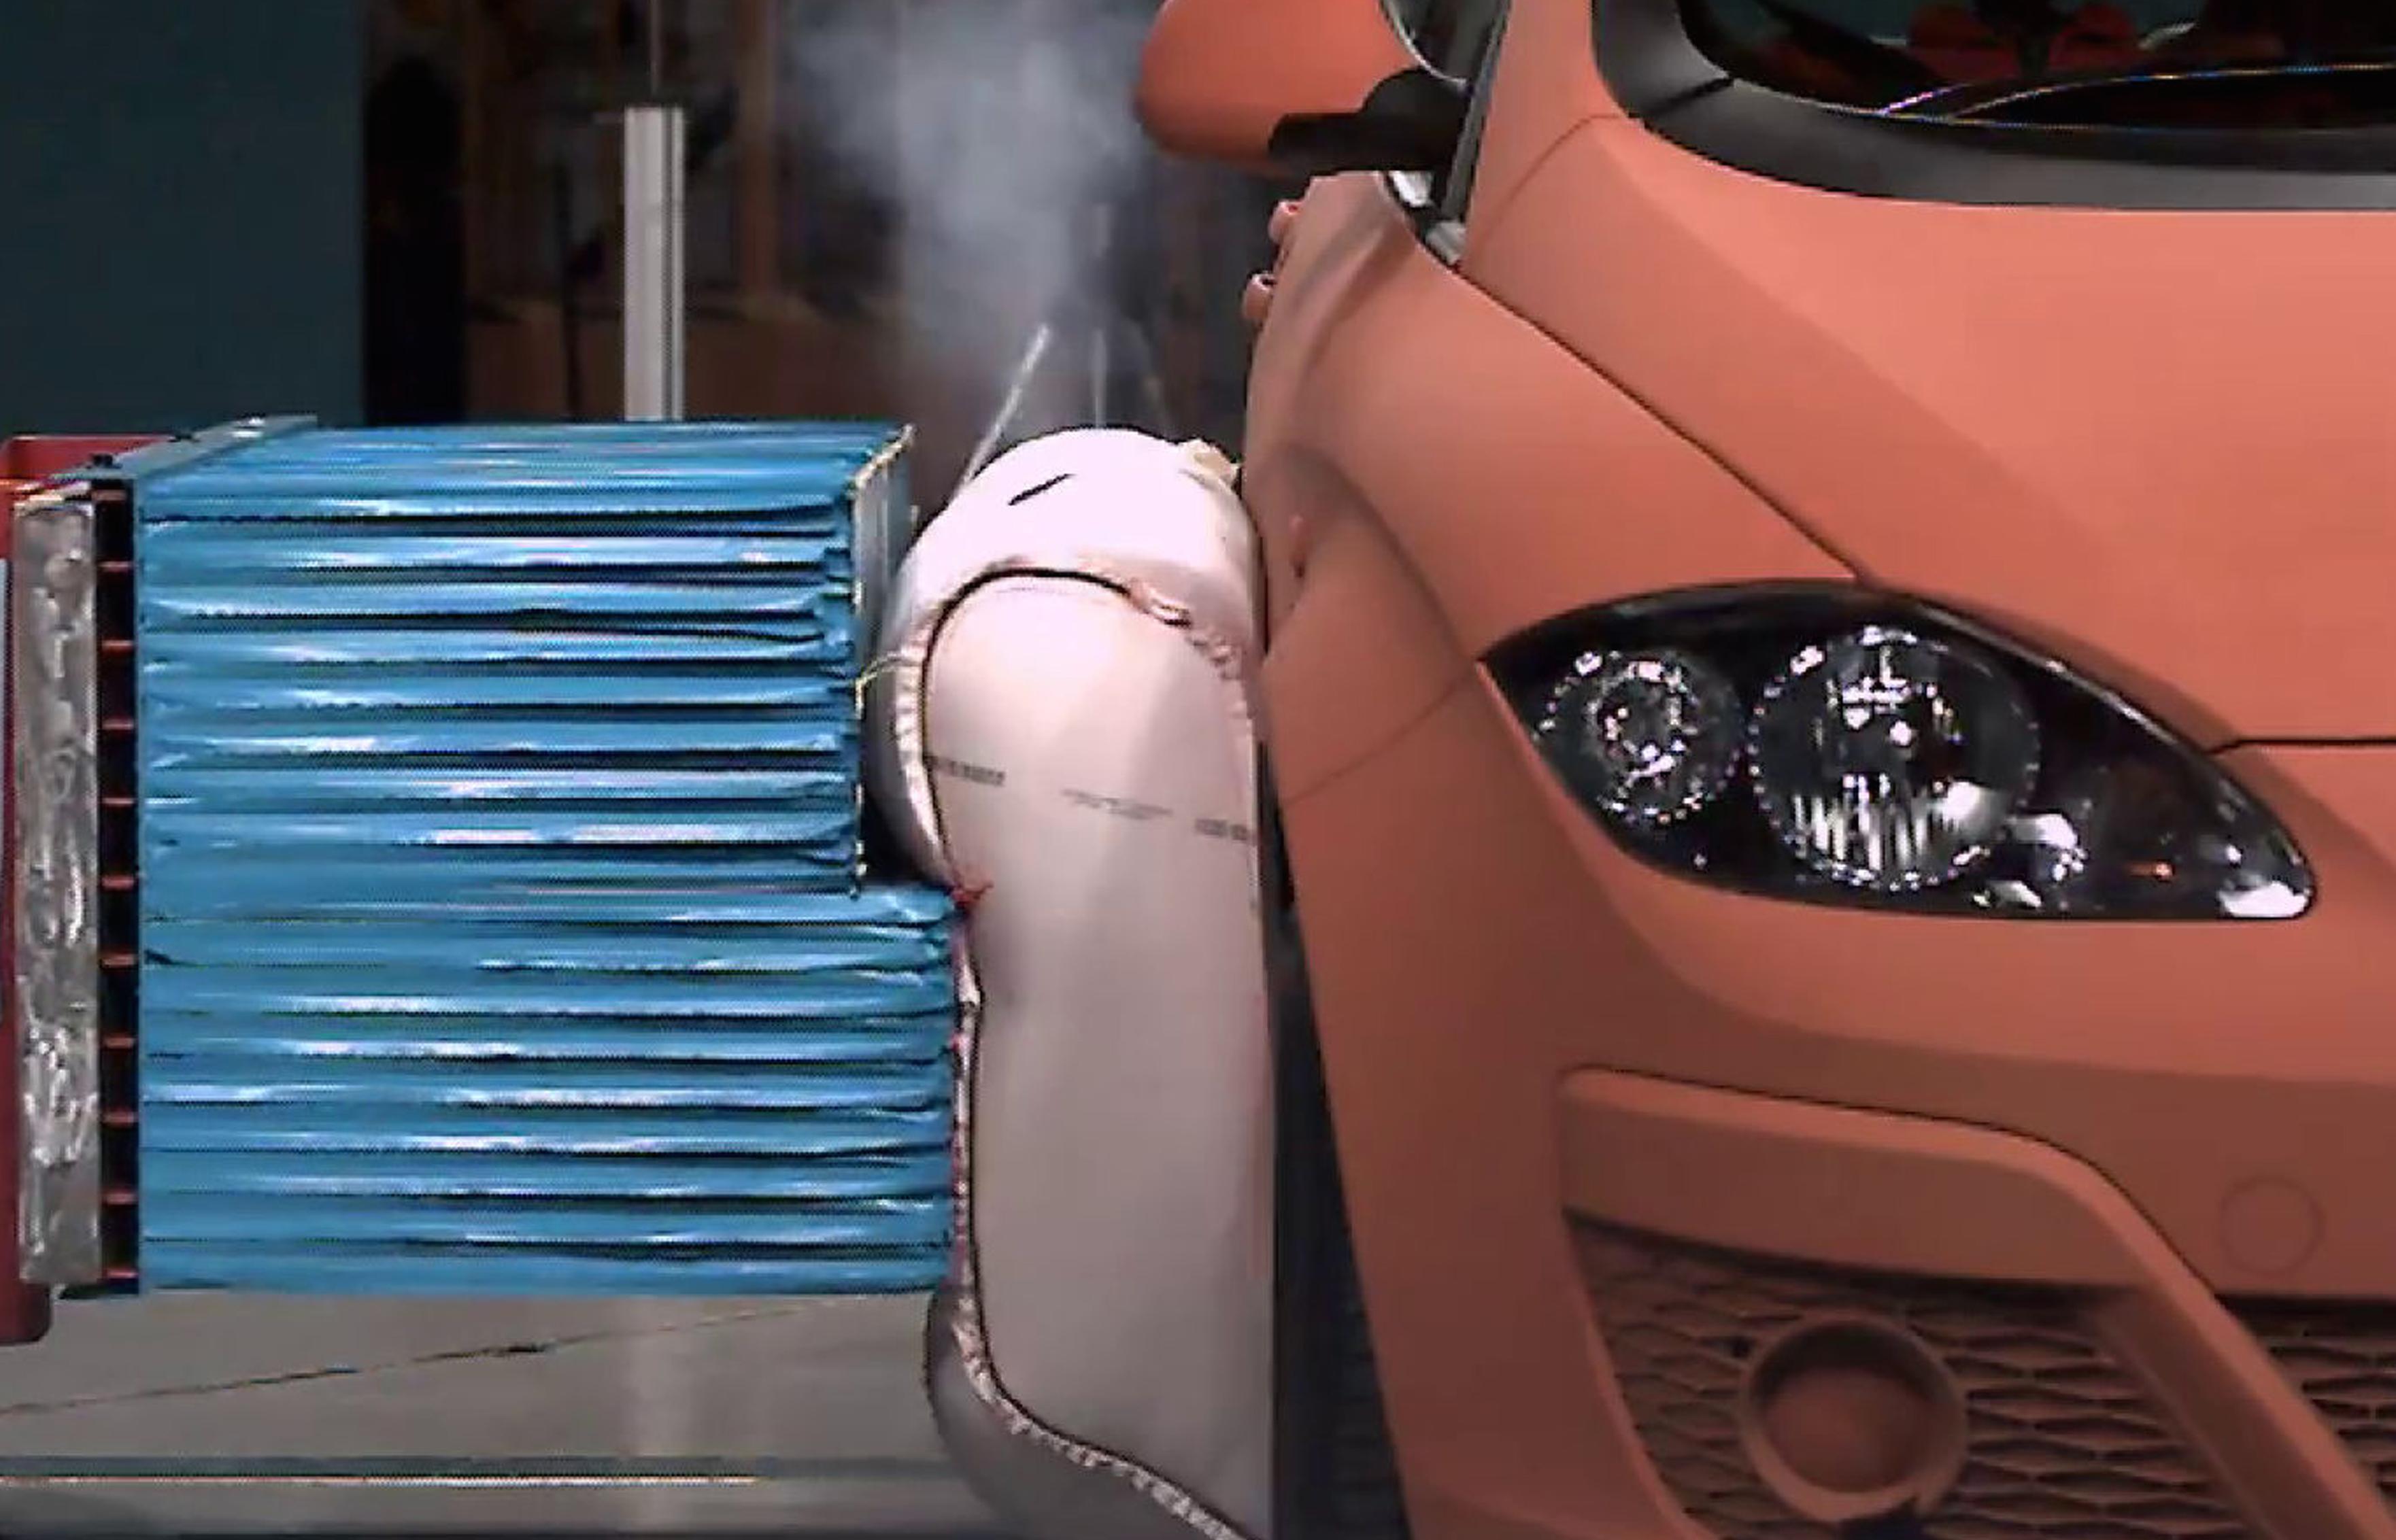 De externe airbag van ZF TRW moet inzittenden verder beschermen tegen een aanrijding van de zijkant. Foto: ZF TRW